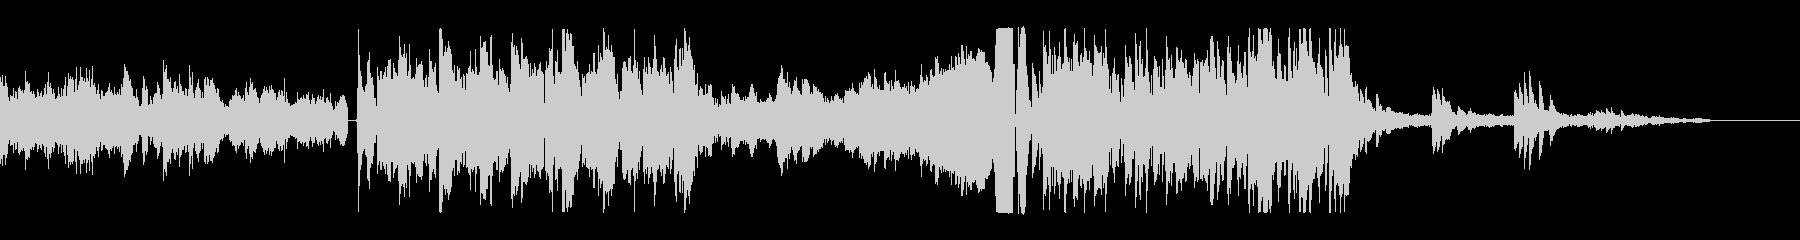 未来的かつ機械的なピアノ主体のサウンドの未再生の波形